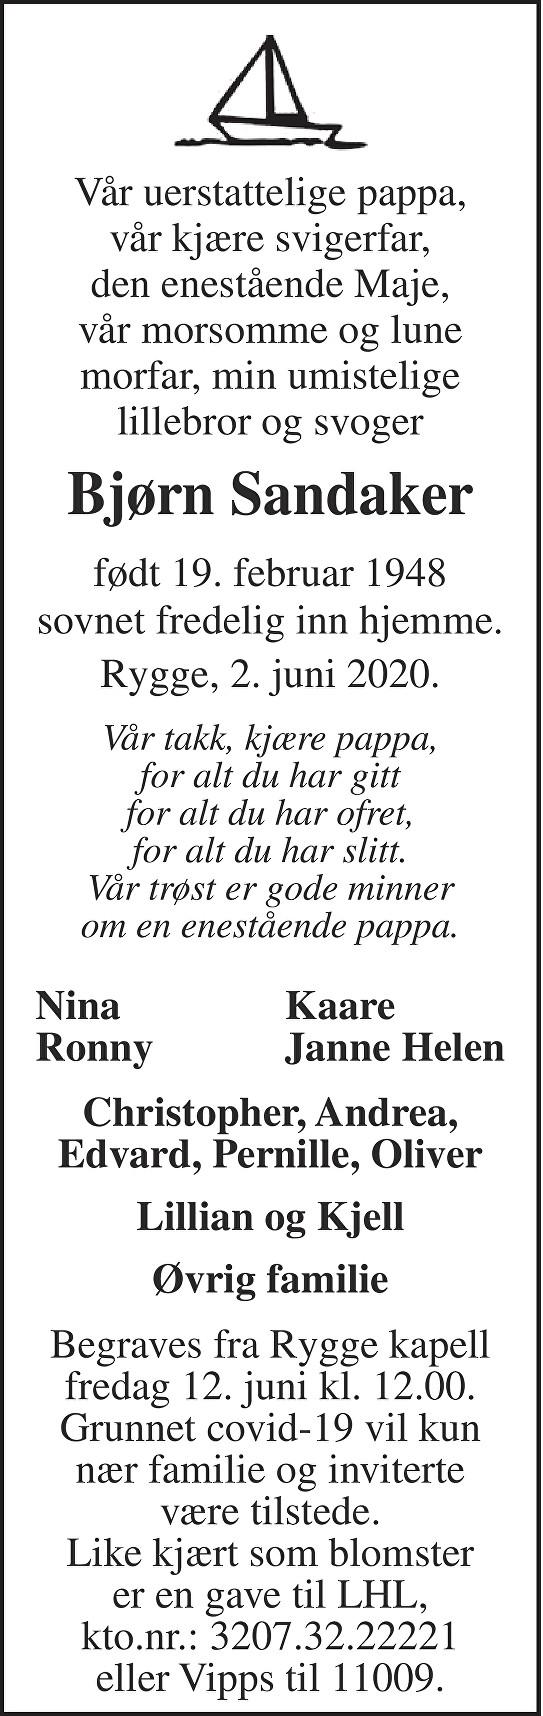 Bjørn Sandaker Dødsannonse